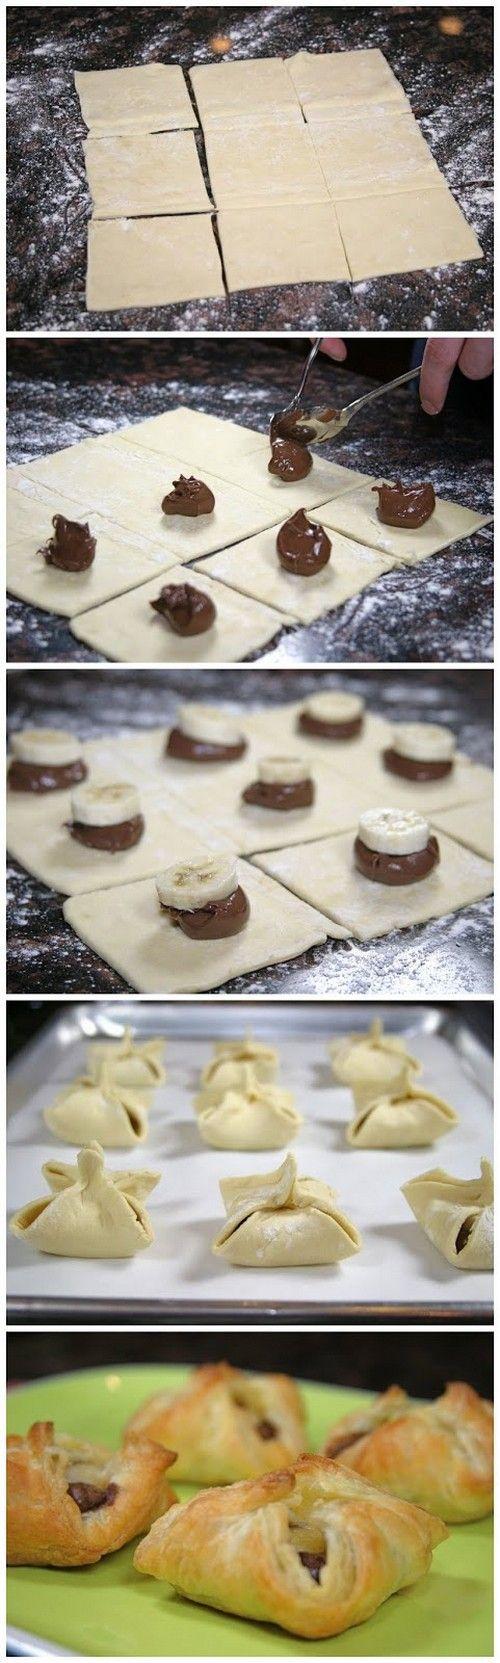 Nutella & Banana Pastry Purses